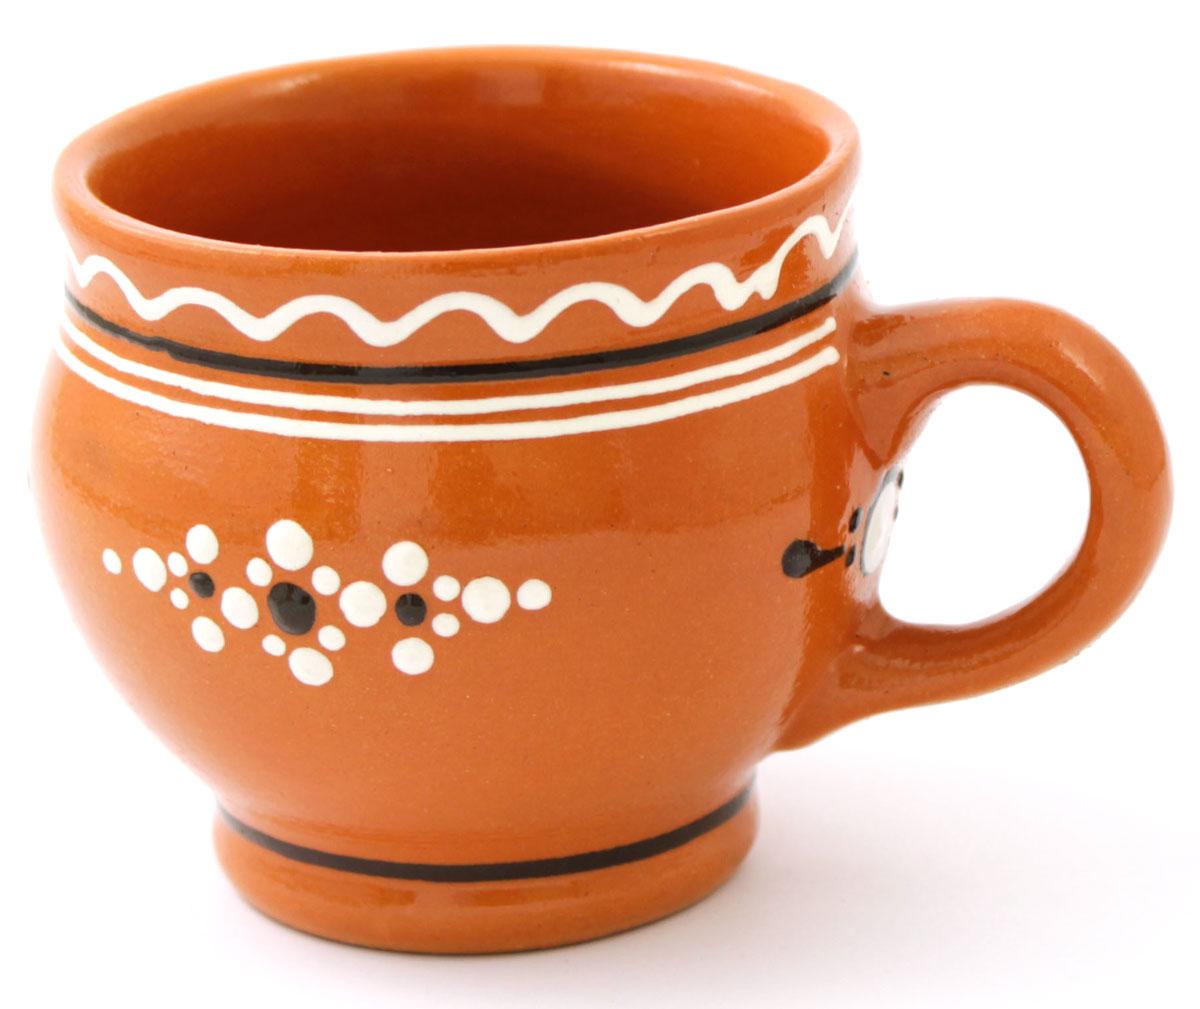 Кружка Ломоносовская керамика Крошка, 200 млЛ0904Кружка Ломоносовская керамика Крошка выполнена из высококачественной глины и оформлена оригинальным рисунком. Такая кружка прекрасно оформит стол к чаепитию и станет его неизменным атрибутом.